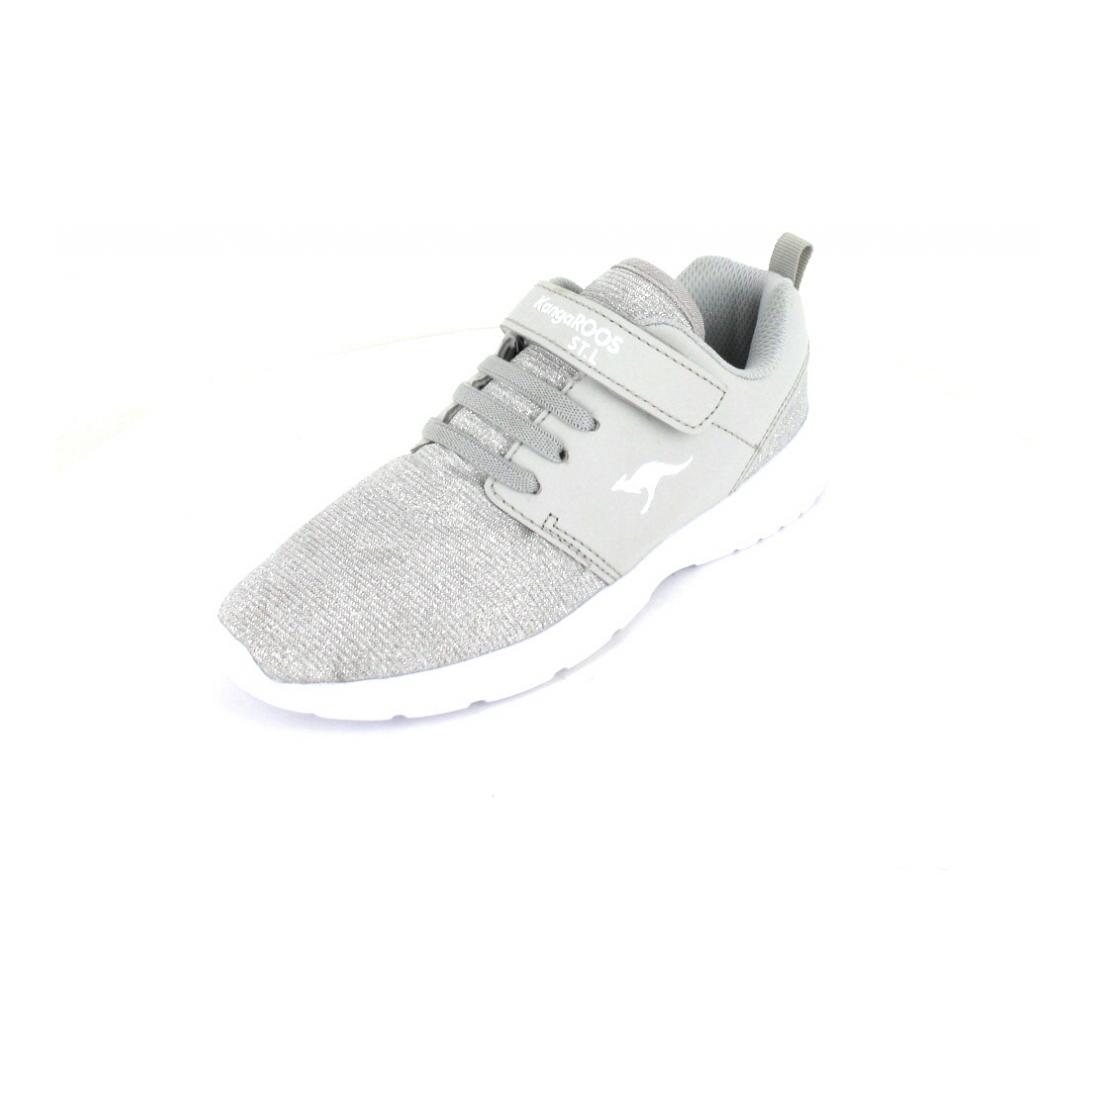 KangaRoos Sneaker HINU EV